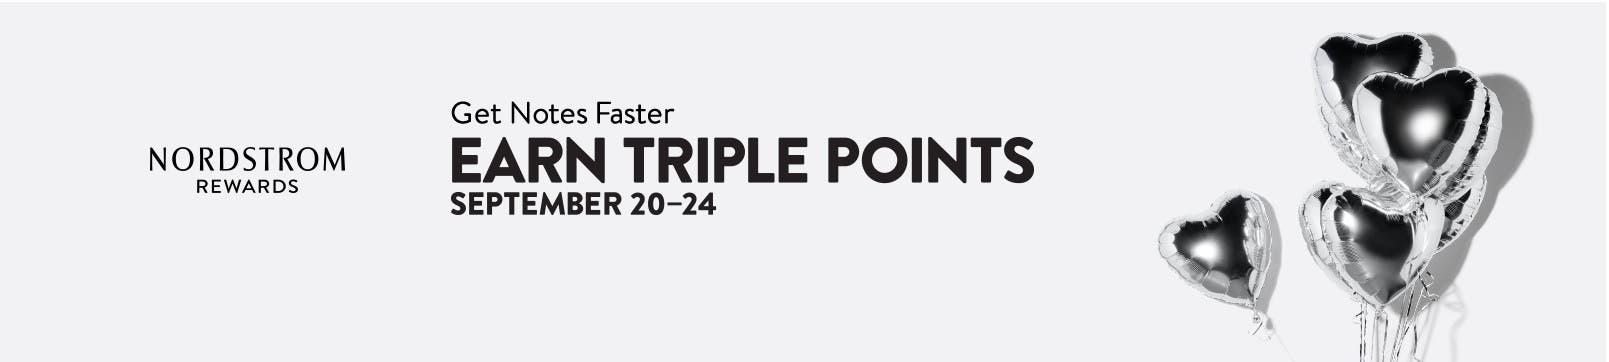 Nordstrom Rewards. Get Notes even faster: earn triple points September 20–24.